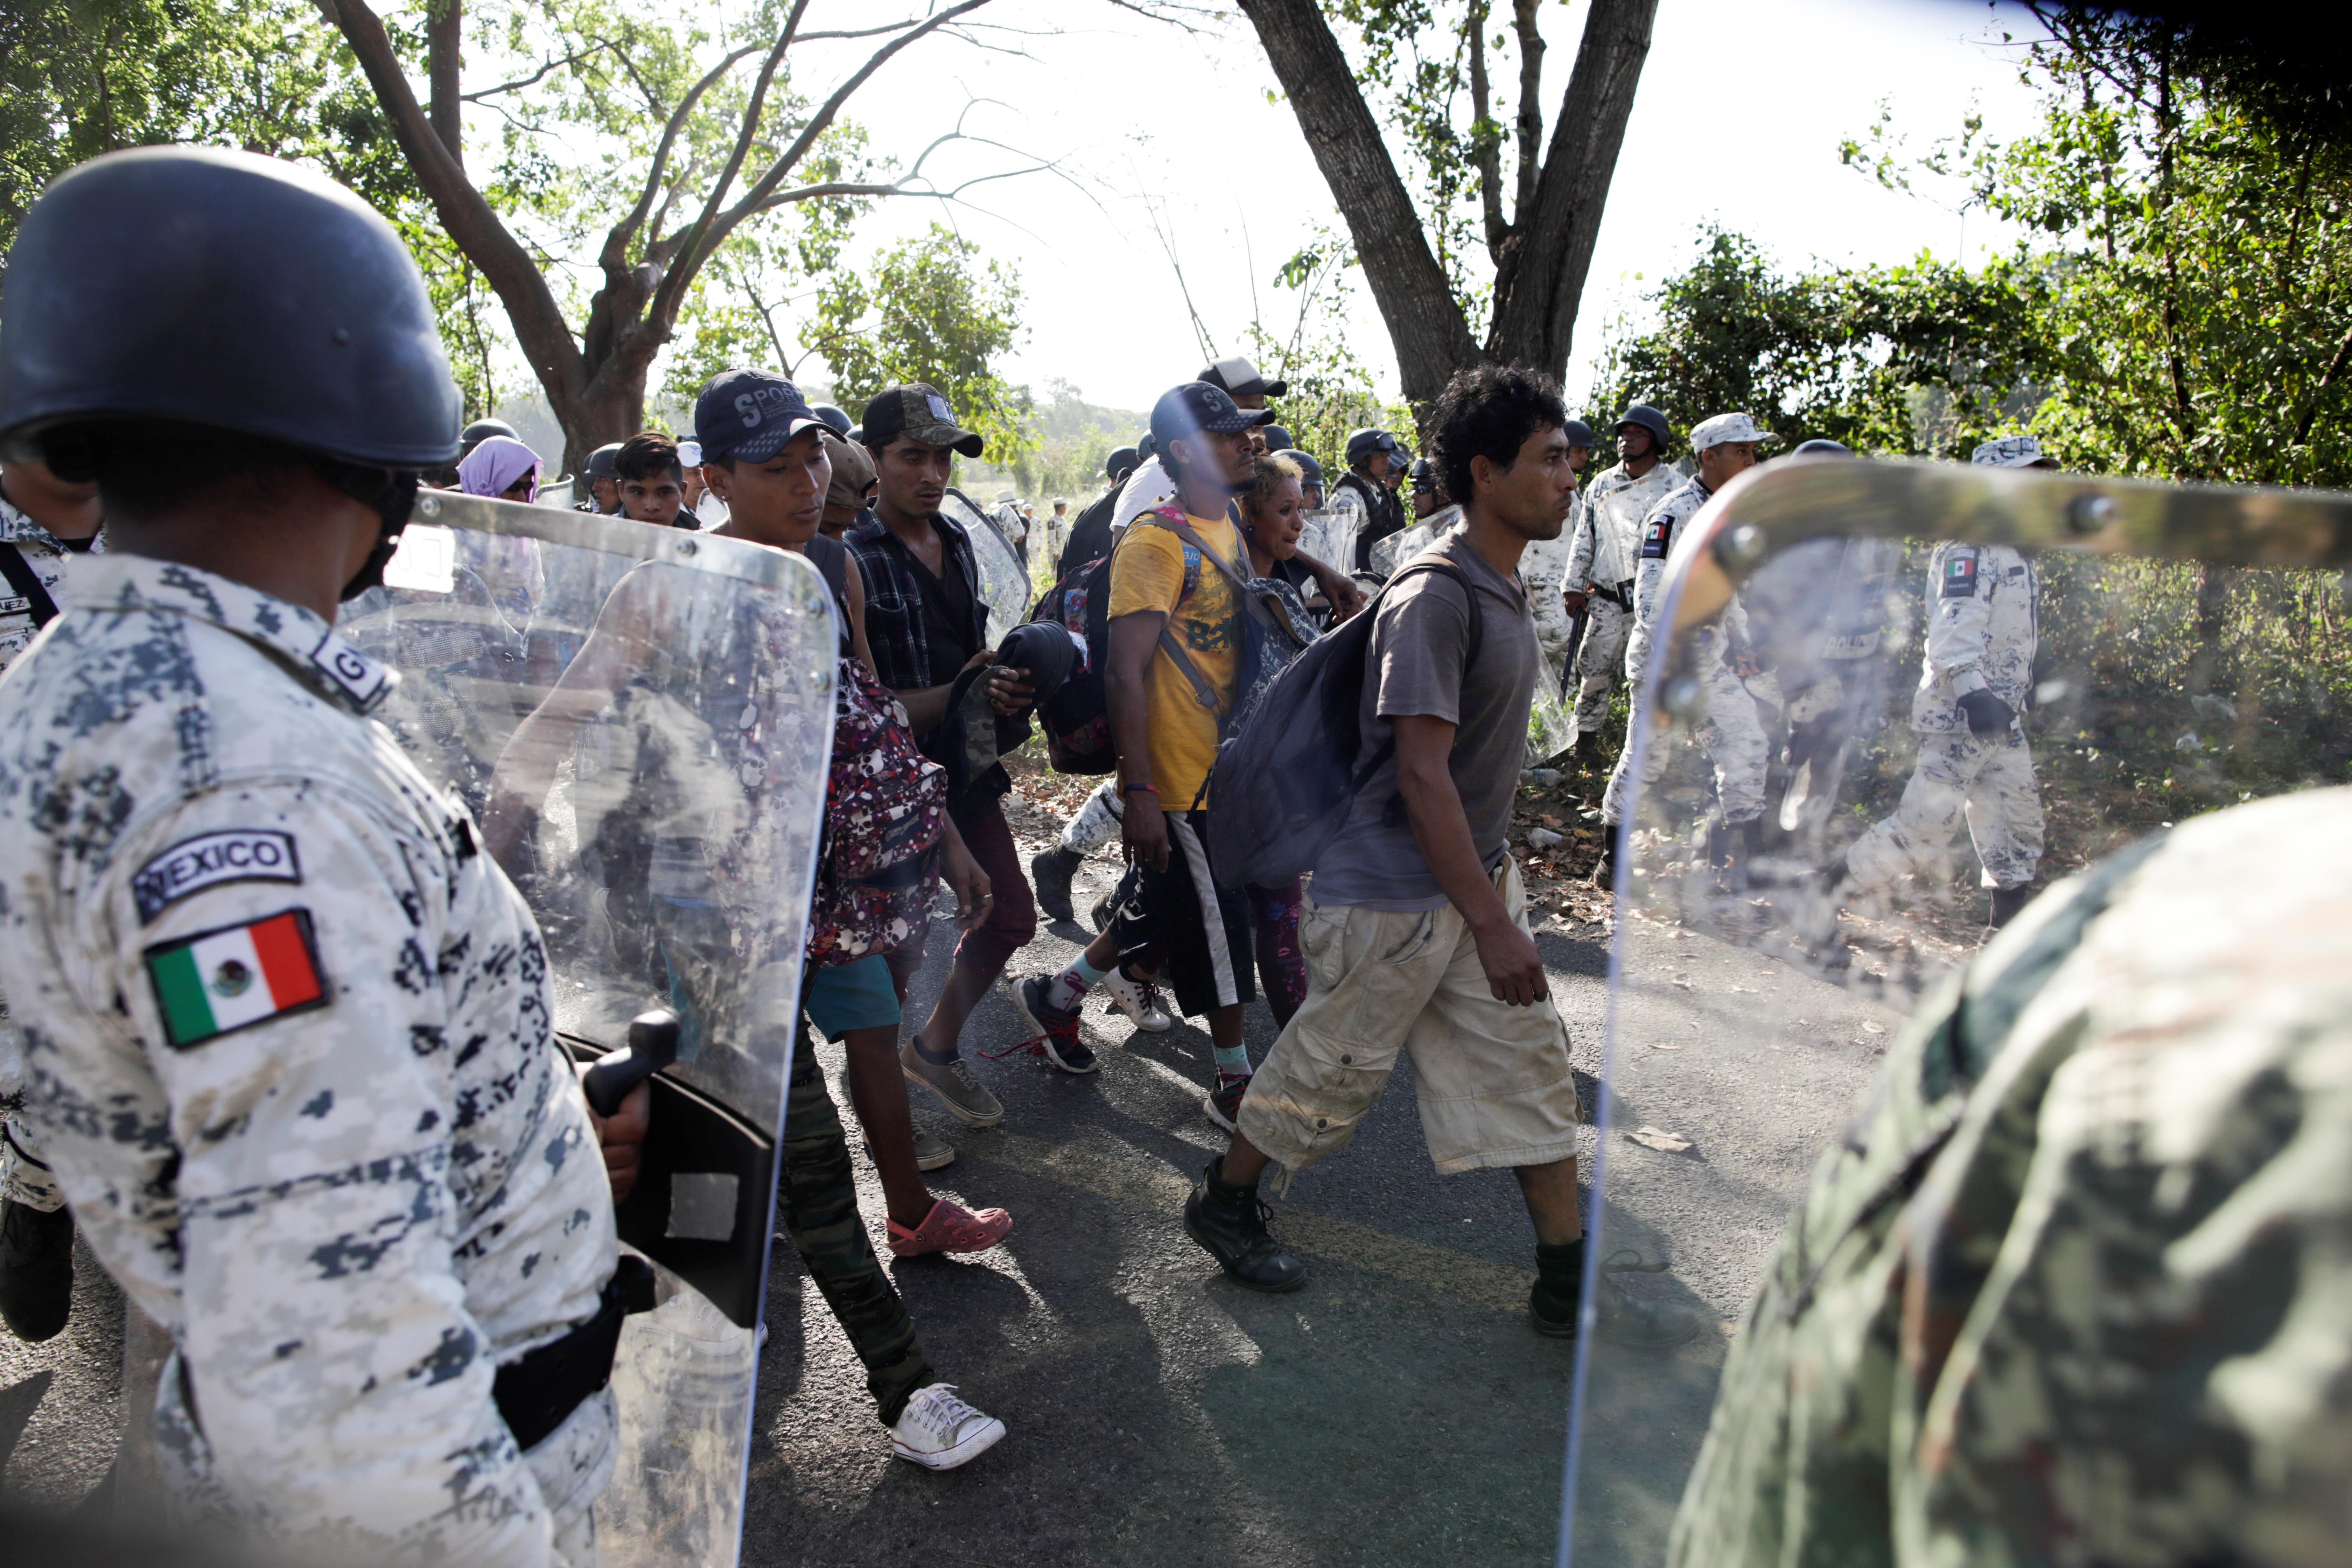 Después del enfrentamiento inicial muchos migrantes se entregaron voluntariamente a las autoridades mexicanas (Foto: Andrés Martínez Casares/Reuters)